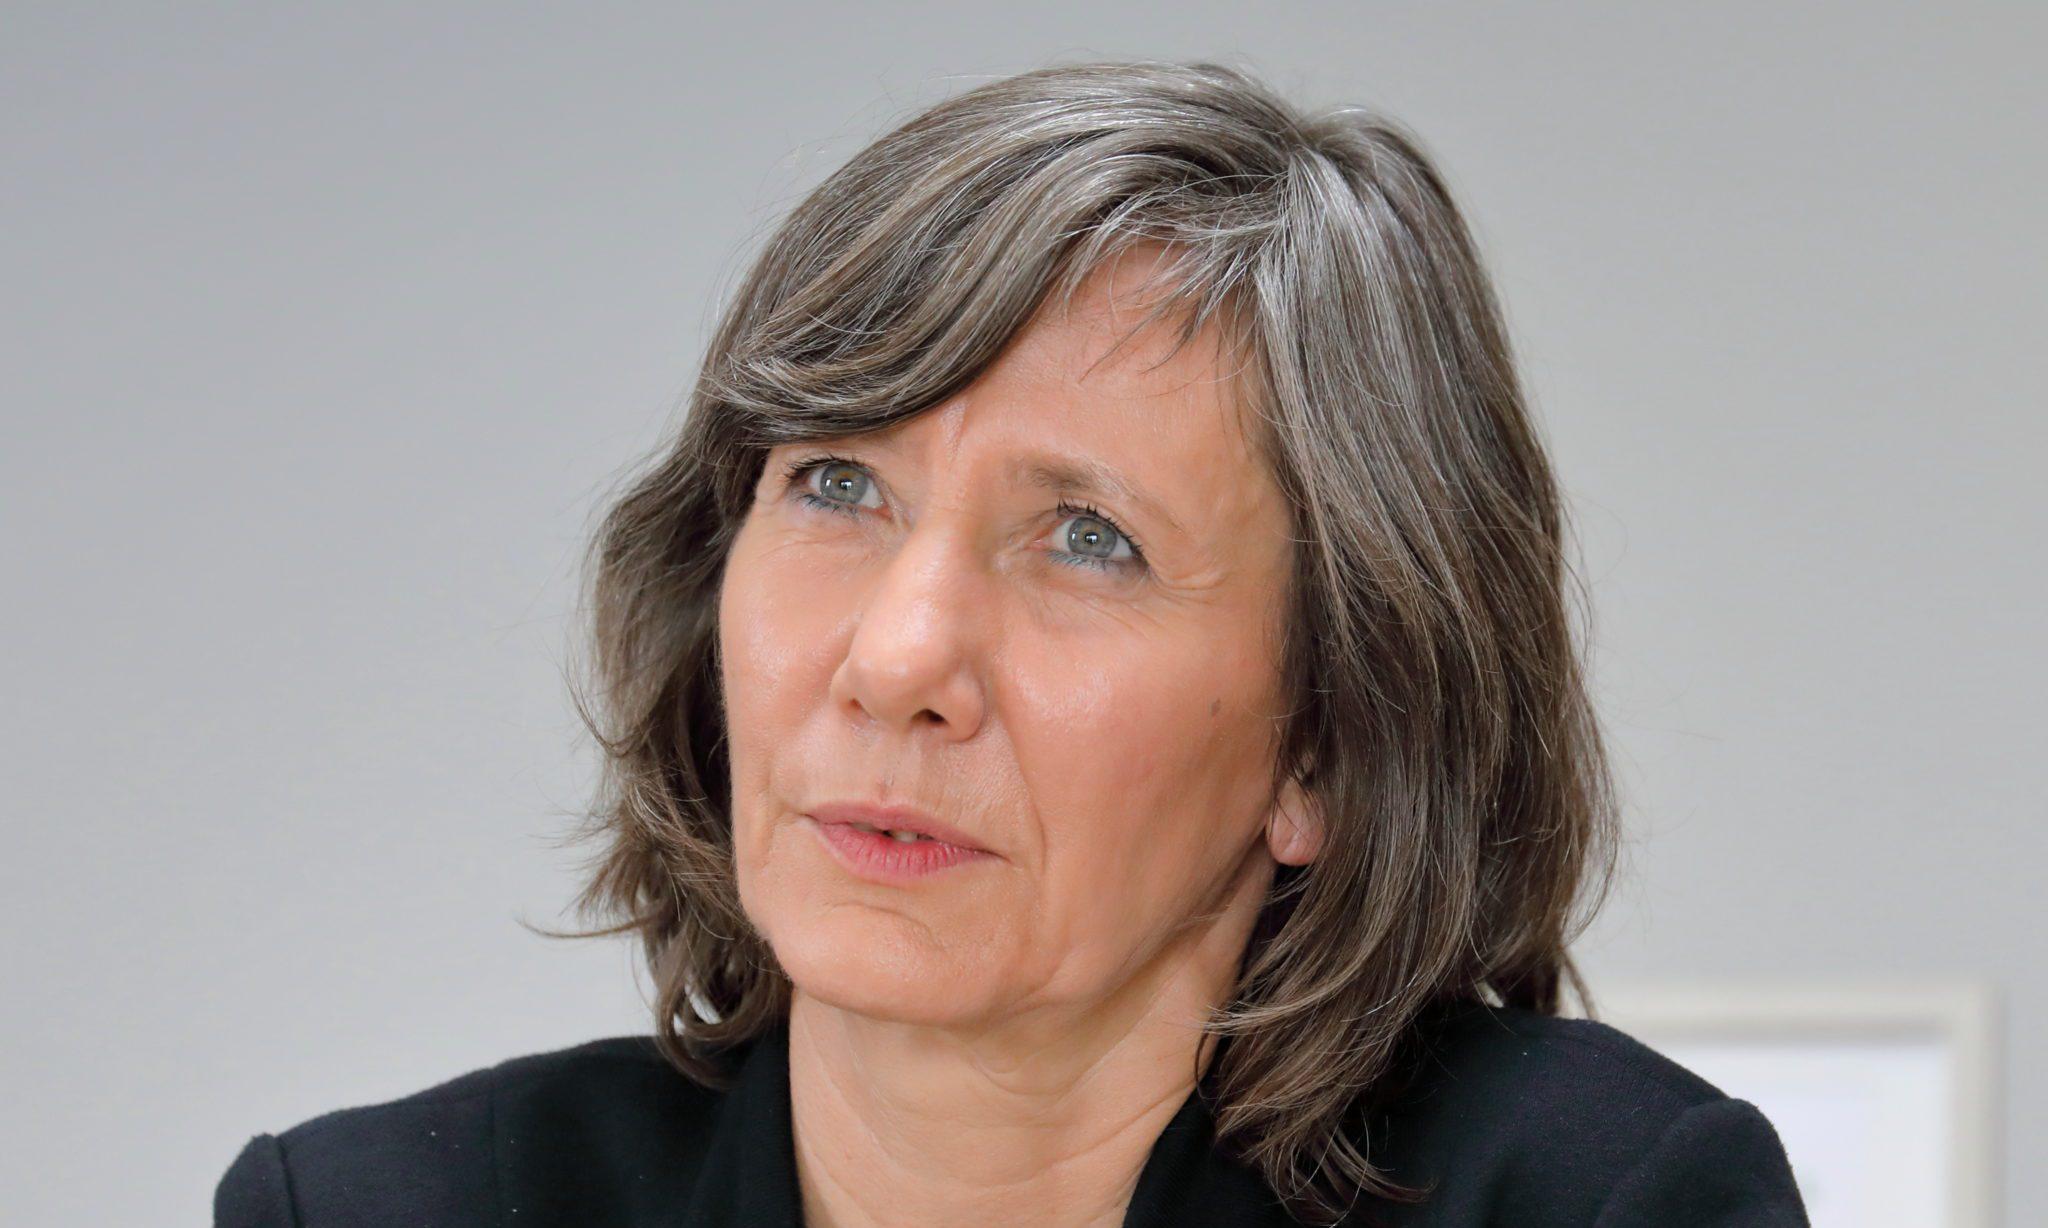 Birgit Hebein